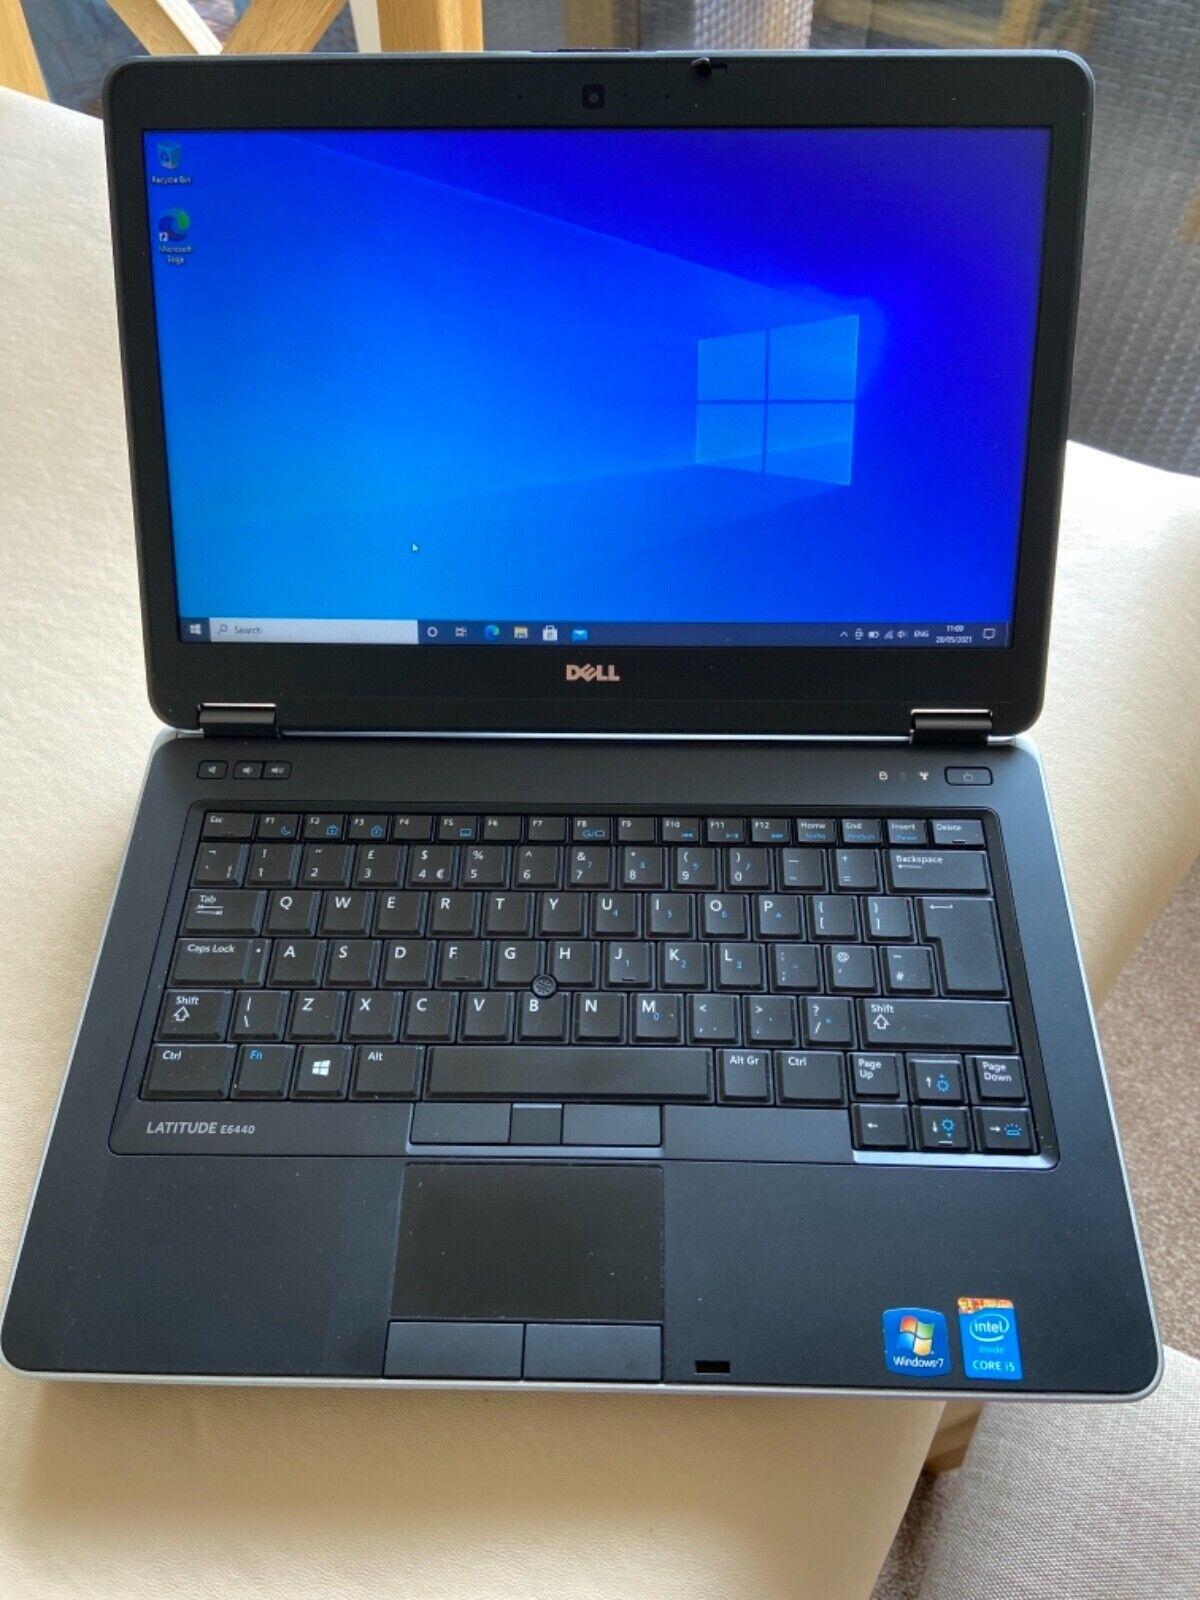 Laptop Windows - Dell business laptop E6440  windows 10 pro 64 Bit